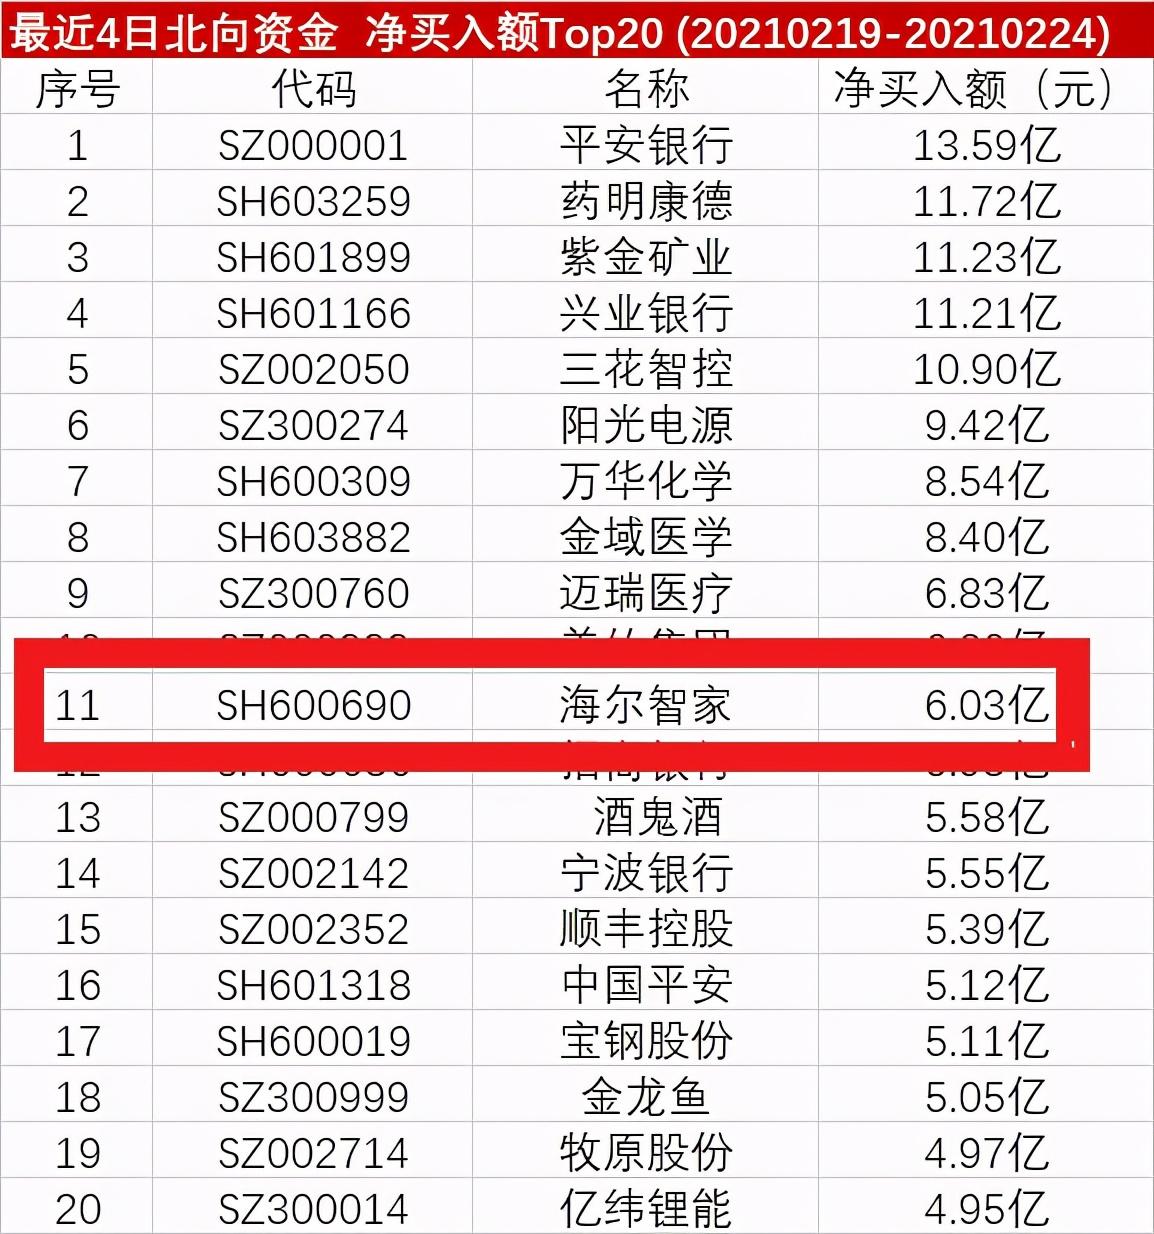 北上资金看好海尔智家净买入排名Top114日增近2400万股